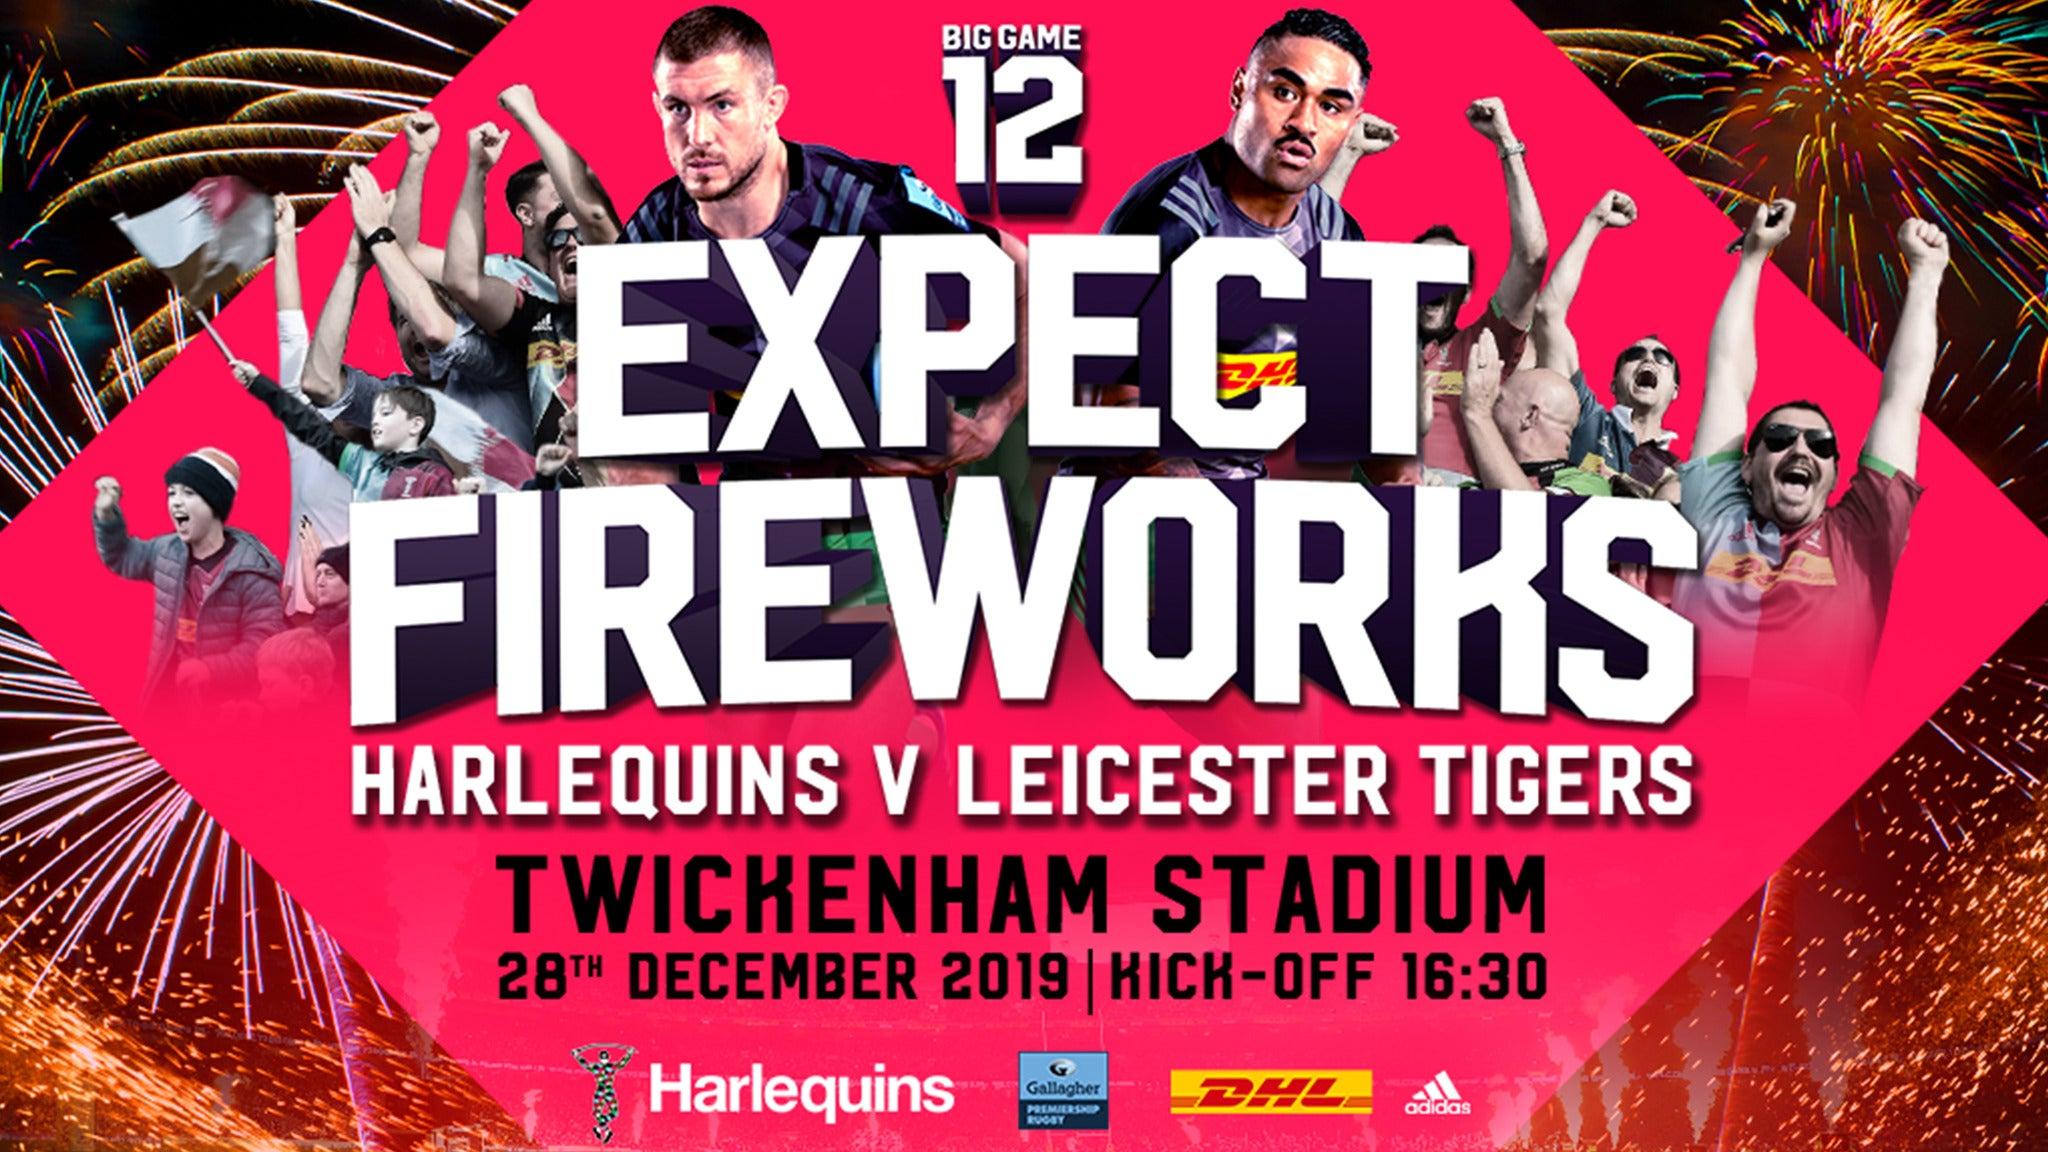 Big Game 12: Harlequins V Leicester Tigers Seating Plans